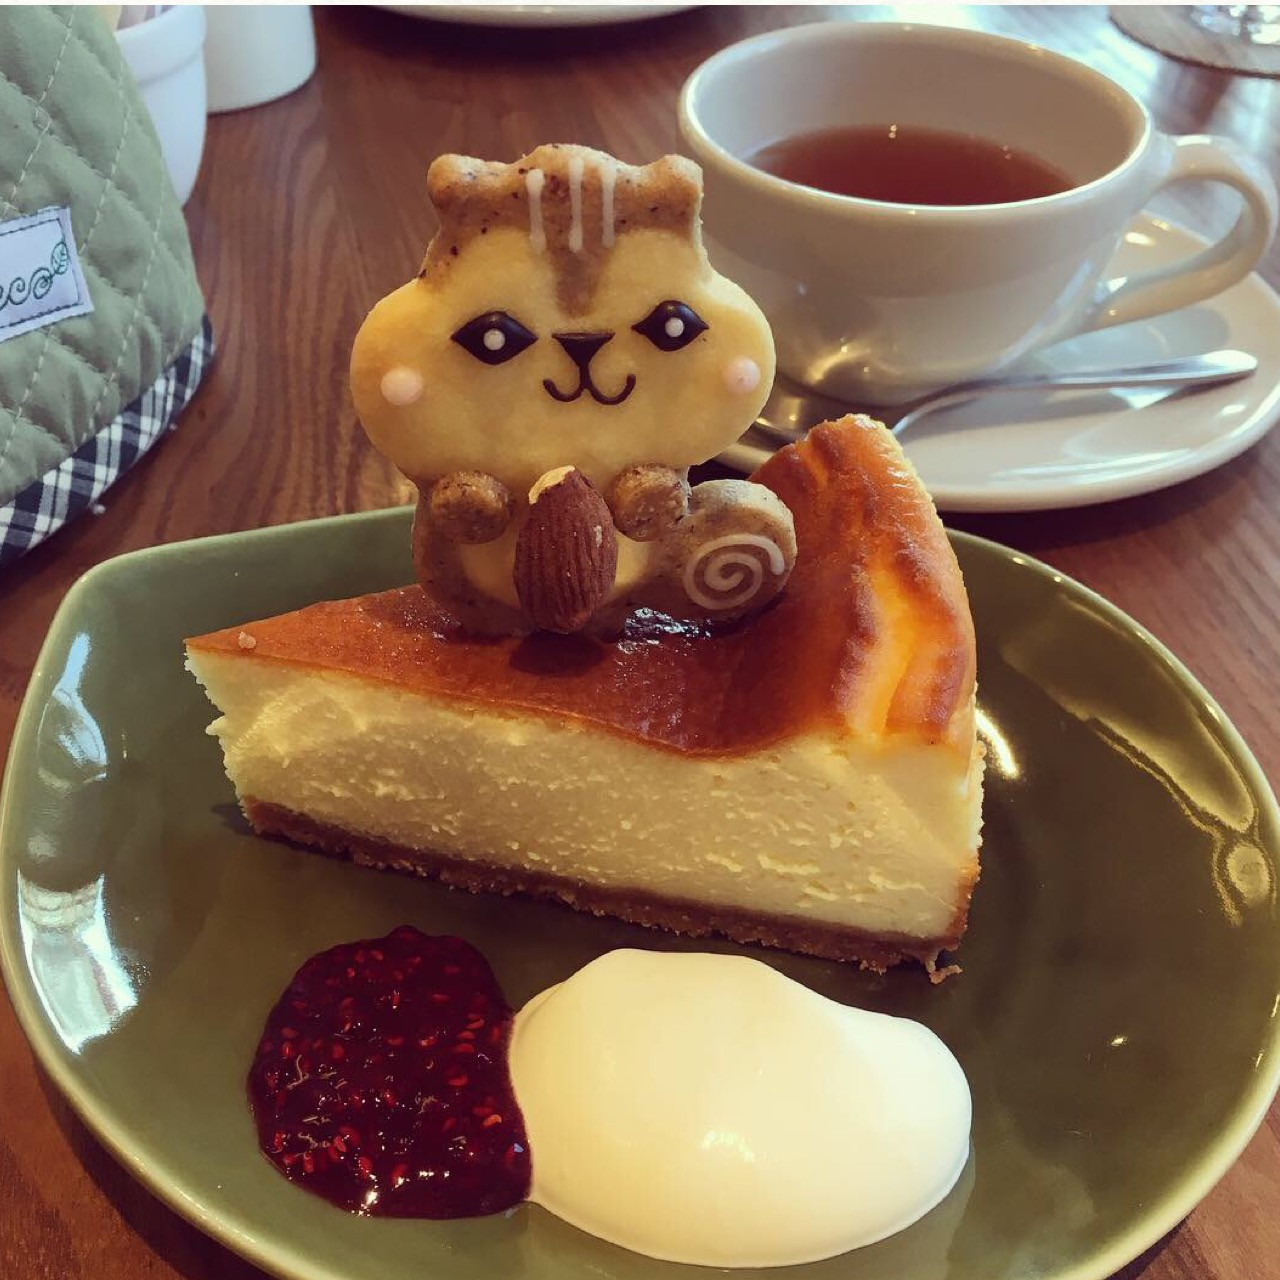 """へんてこかわいいどうぶつがおいしすぎる!""""henteco 森の洋菓子店""""に行ってきました♡_2"""